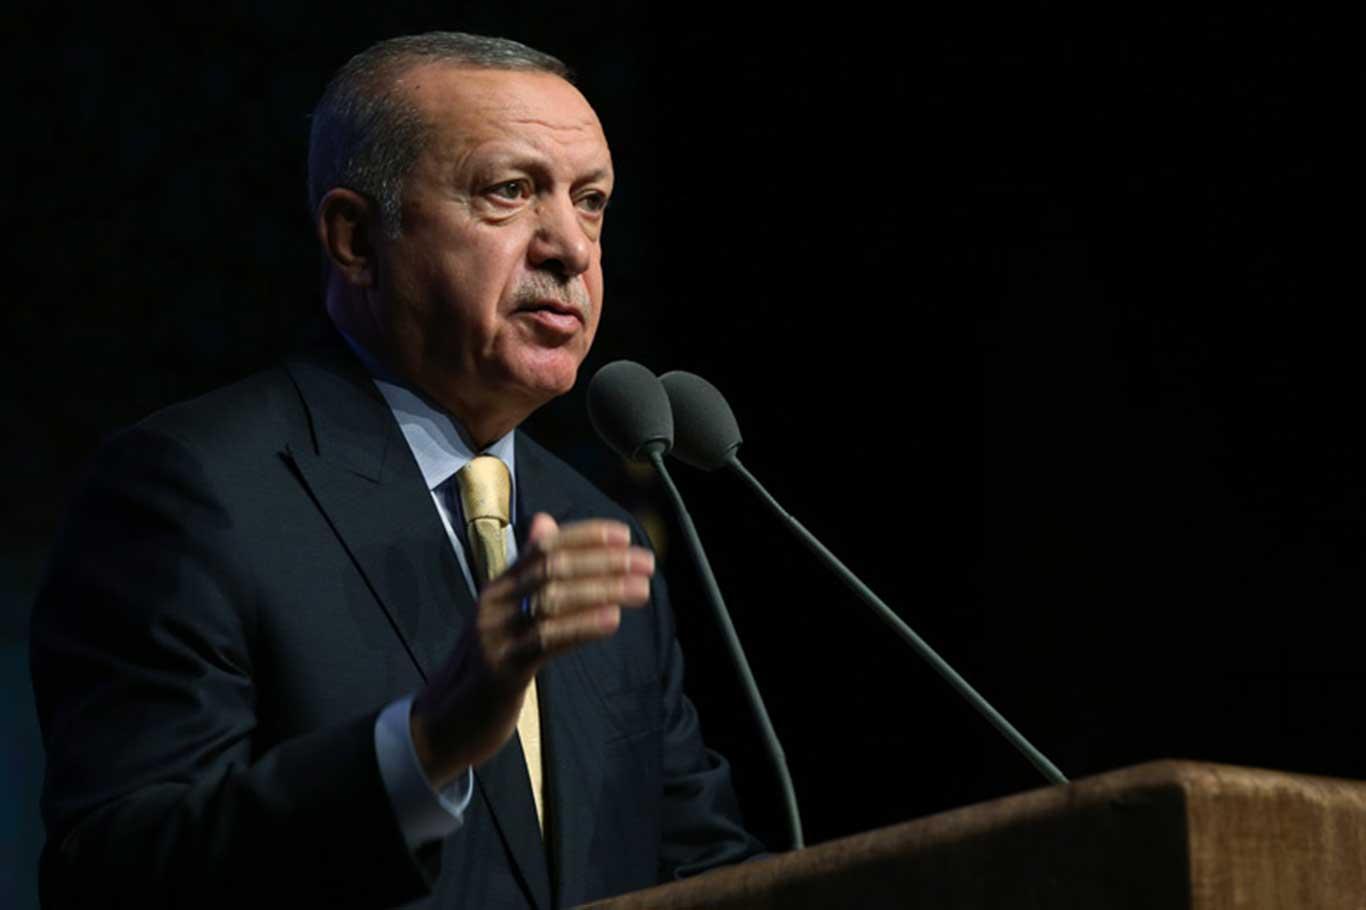 Cumhurbaşkanı Erdoğan dindar gençlik vurgusunu yineledi.